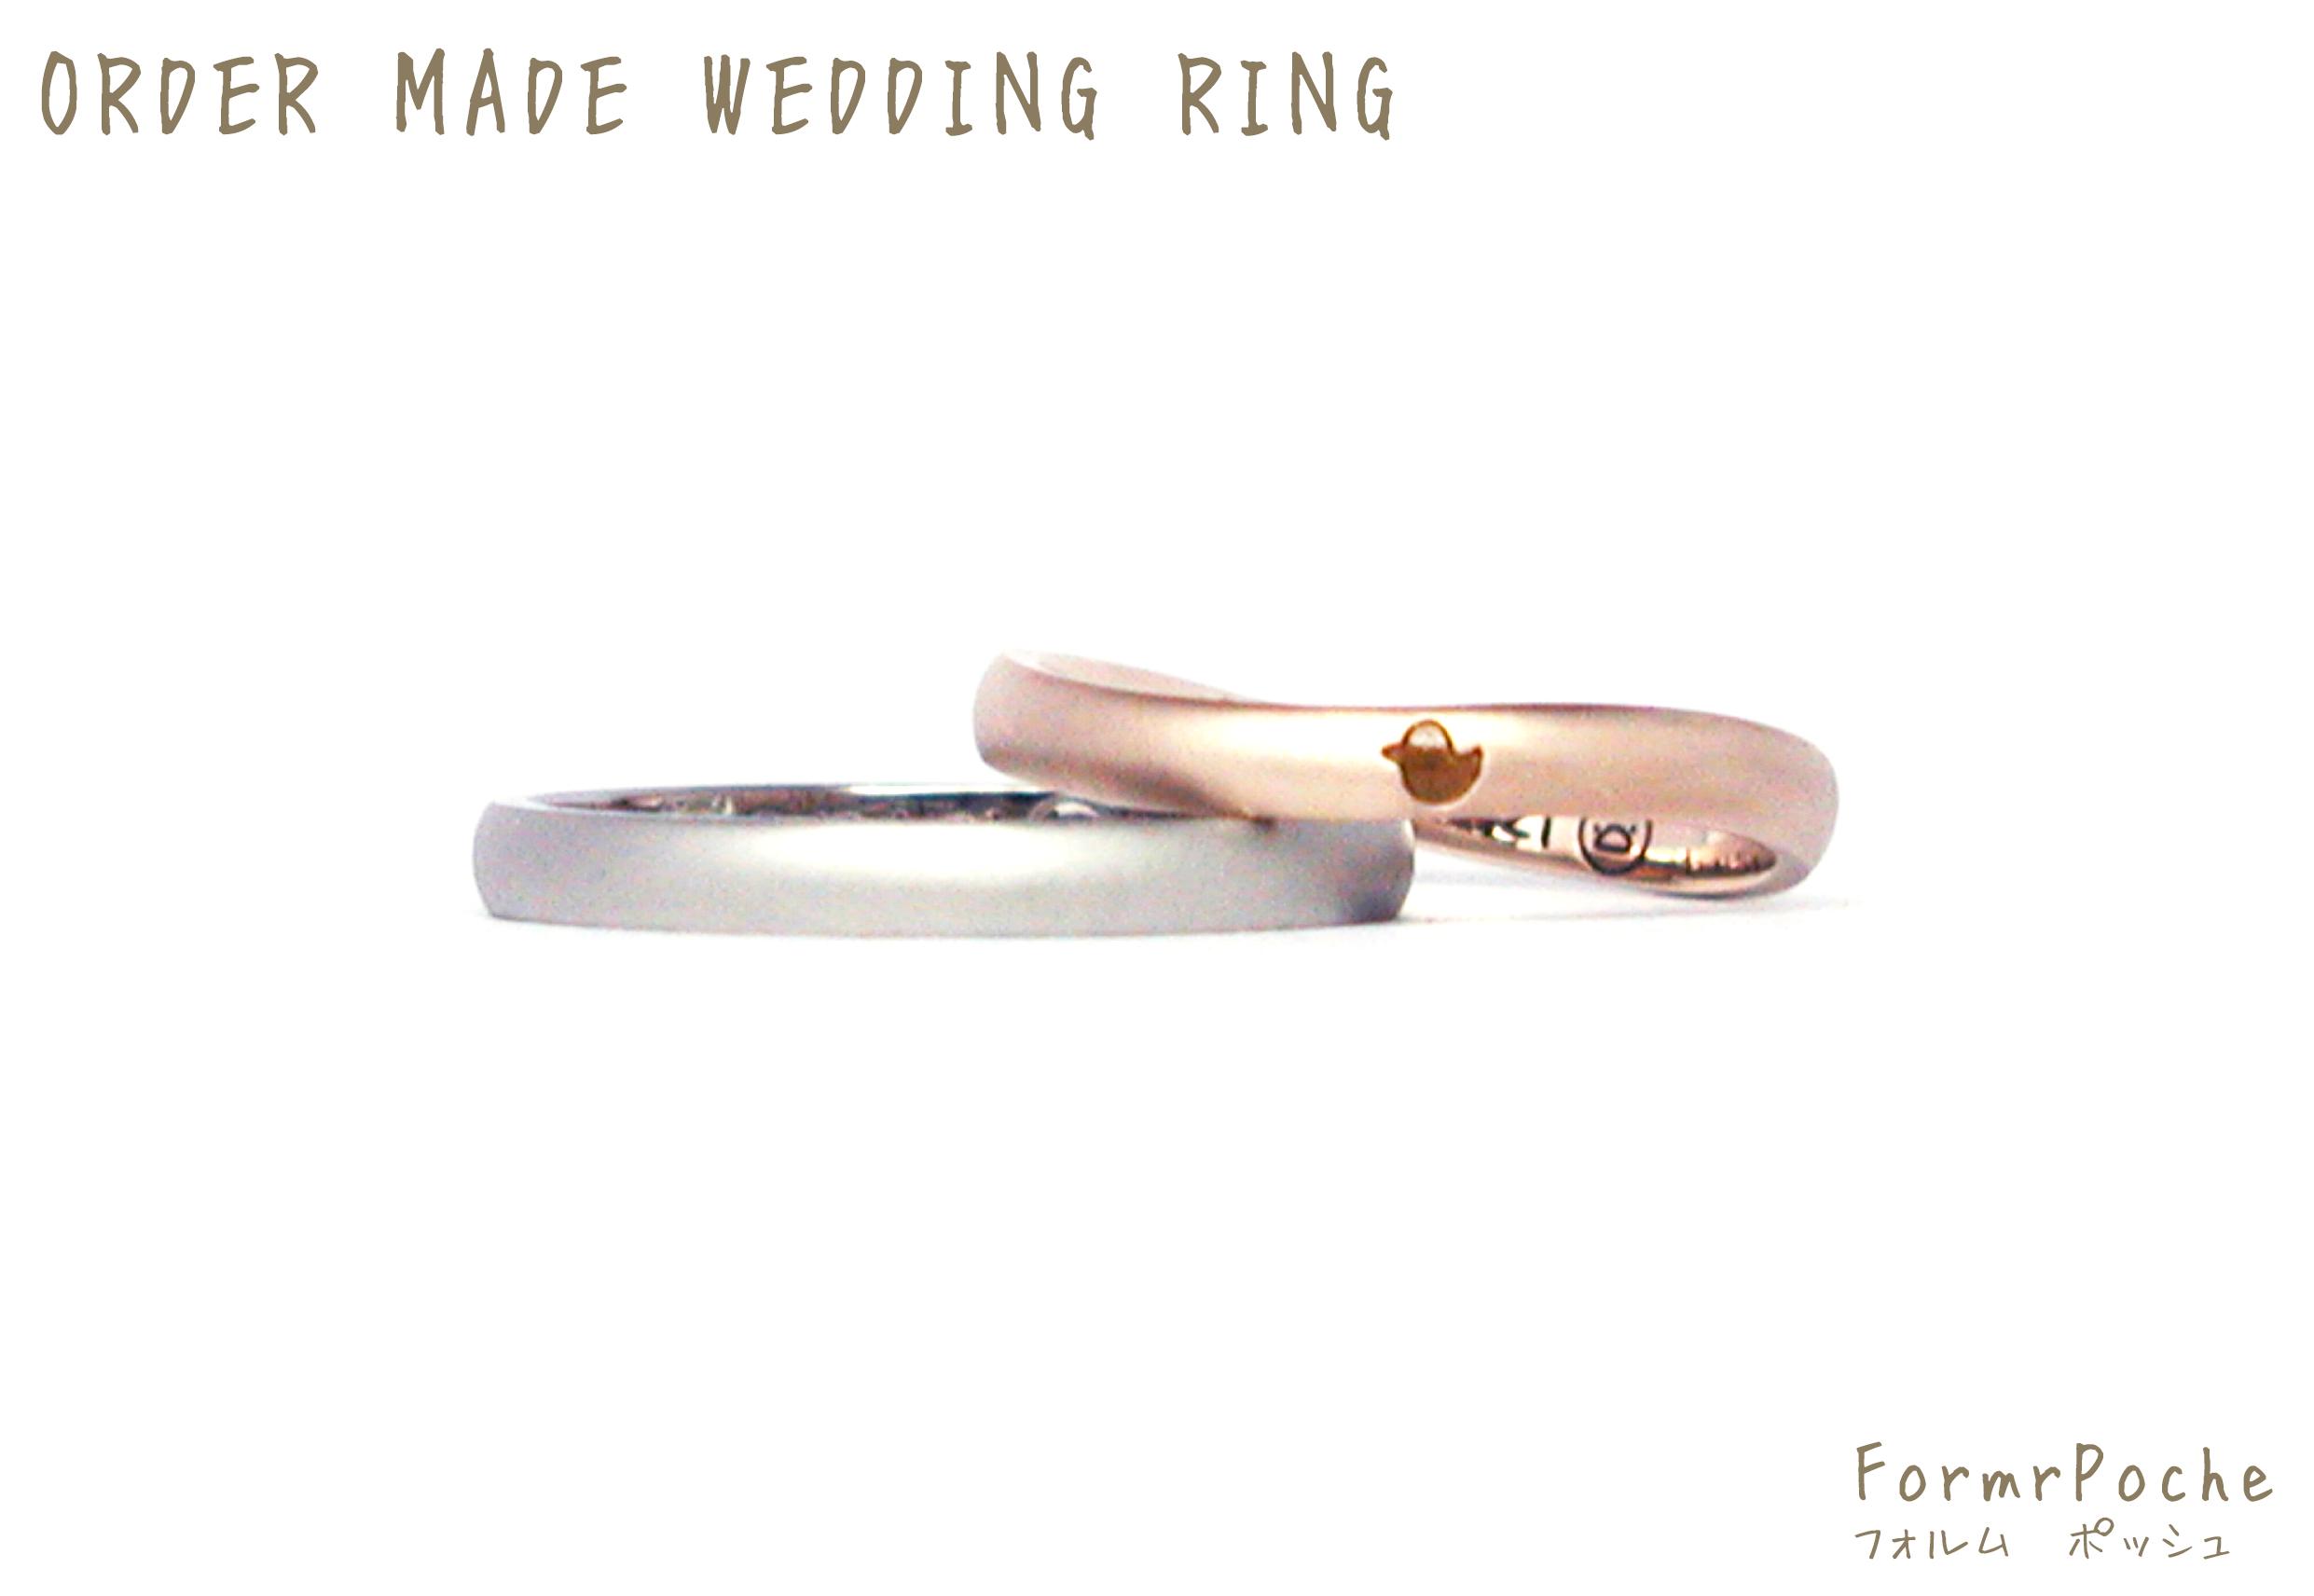 hi180329w1117-ring1結婚指輪 オーダーメイド 大阪 刻印 イラスト 手書き